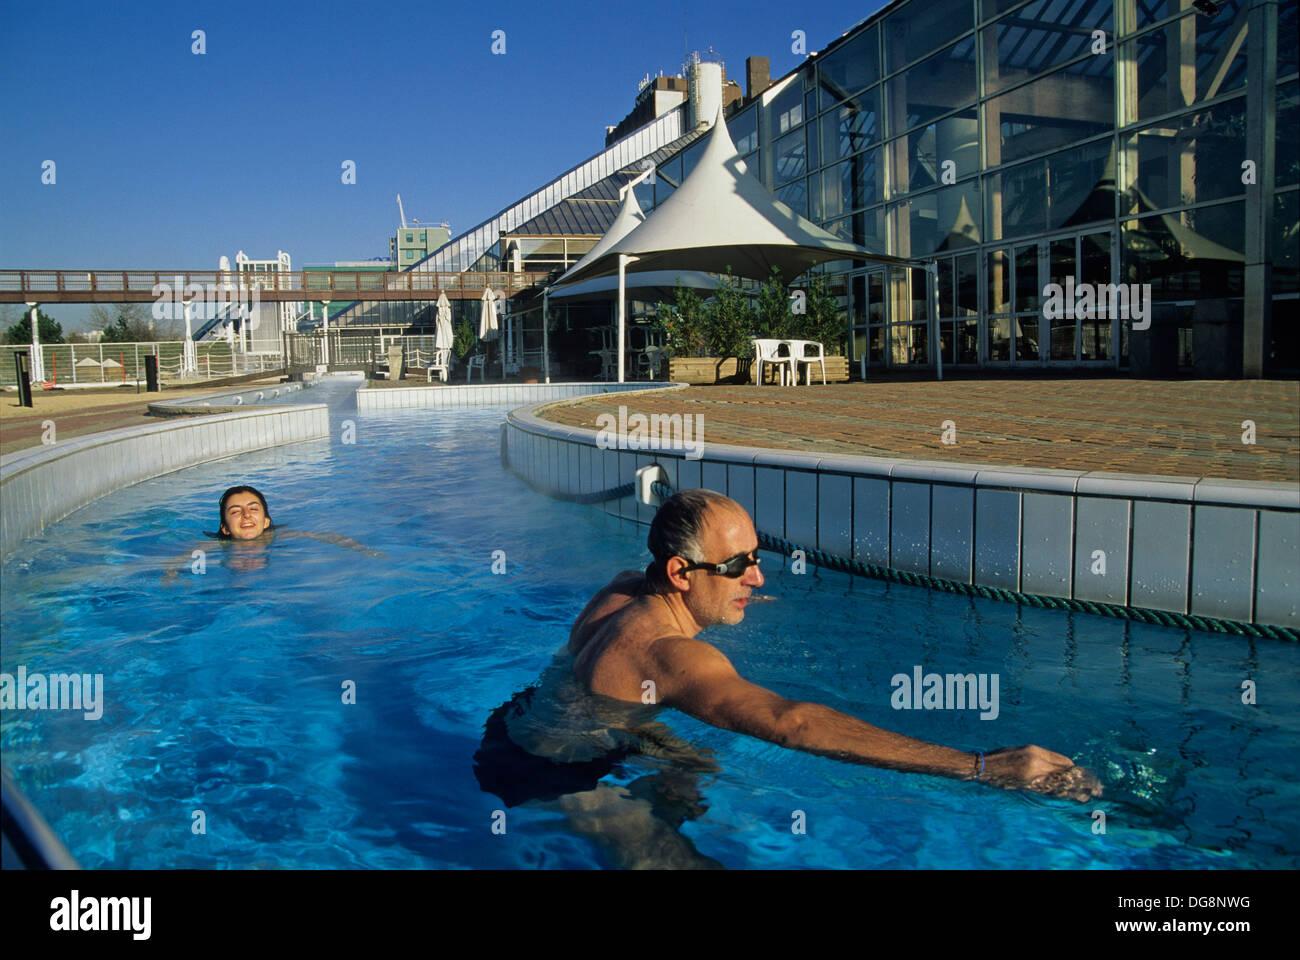 parc aquatique region parisienne